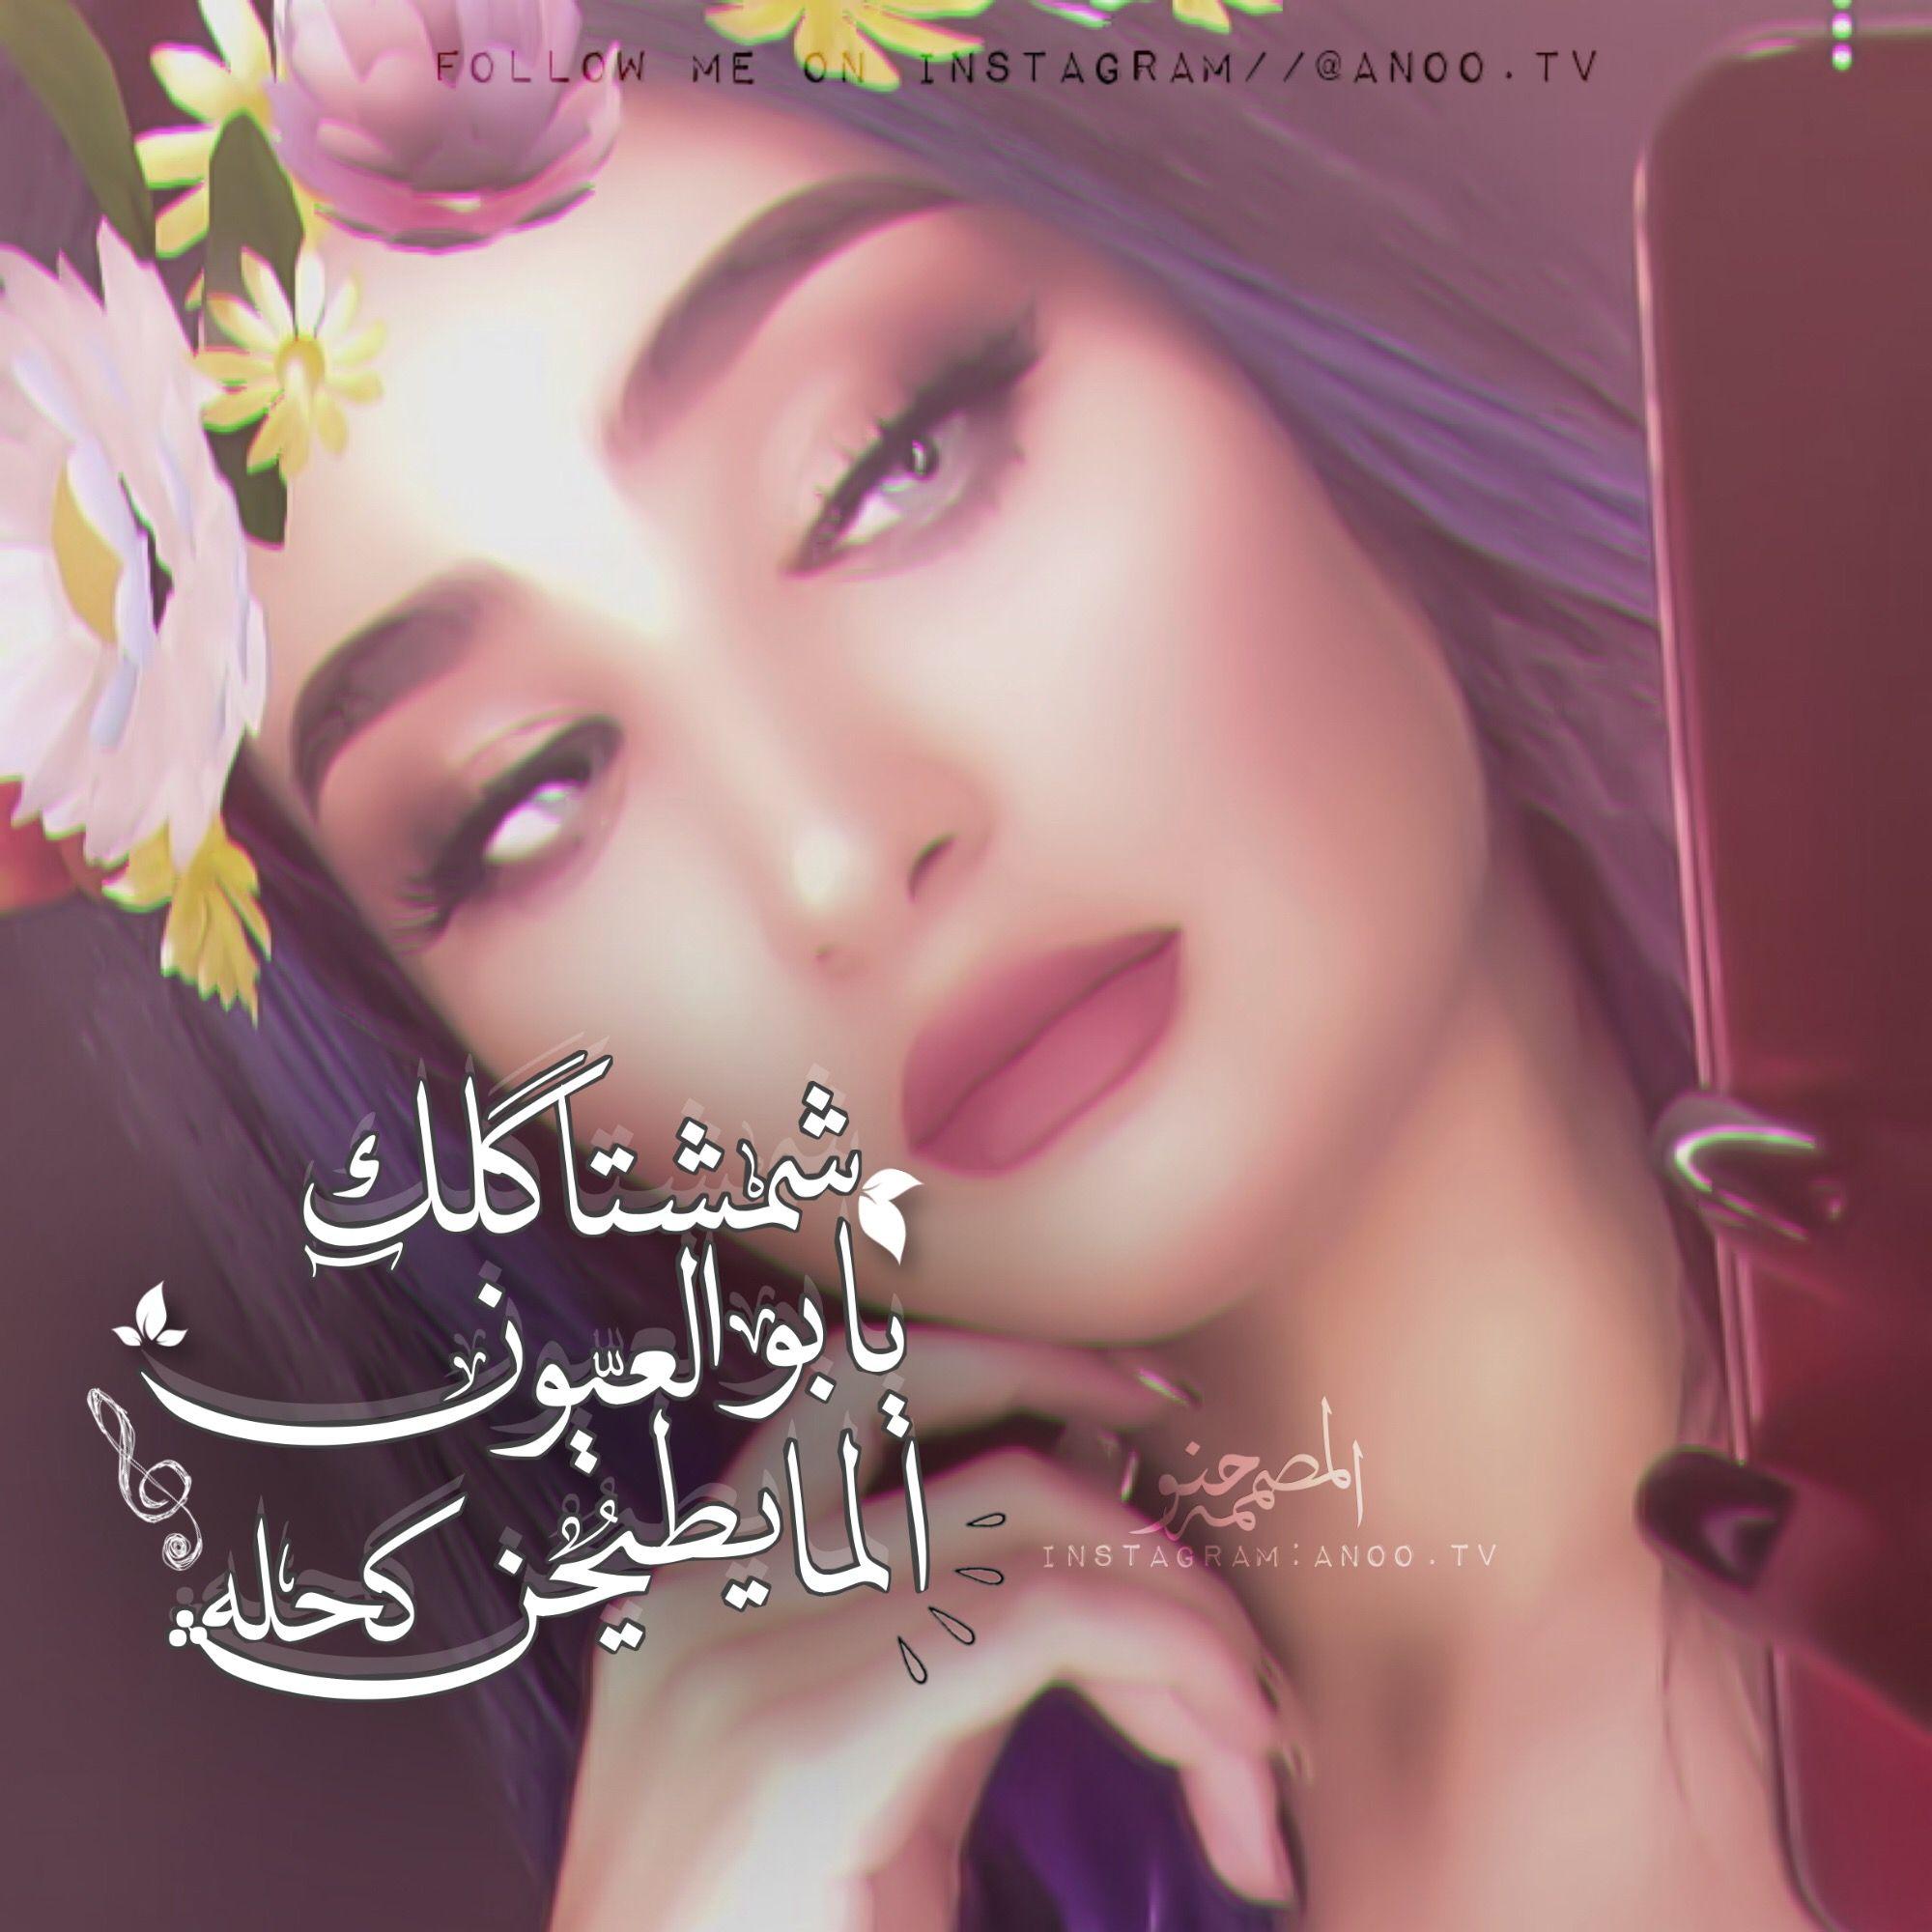 شمشتــاكلك يابو العيون الما يطيحن كحله Photo Instagram Photo And Video